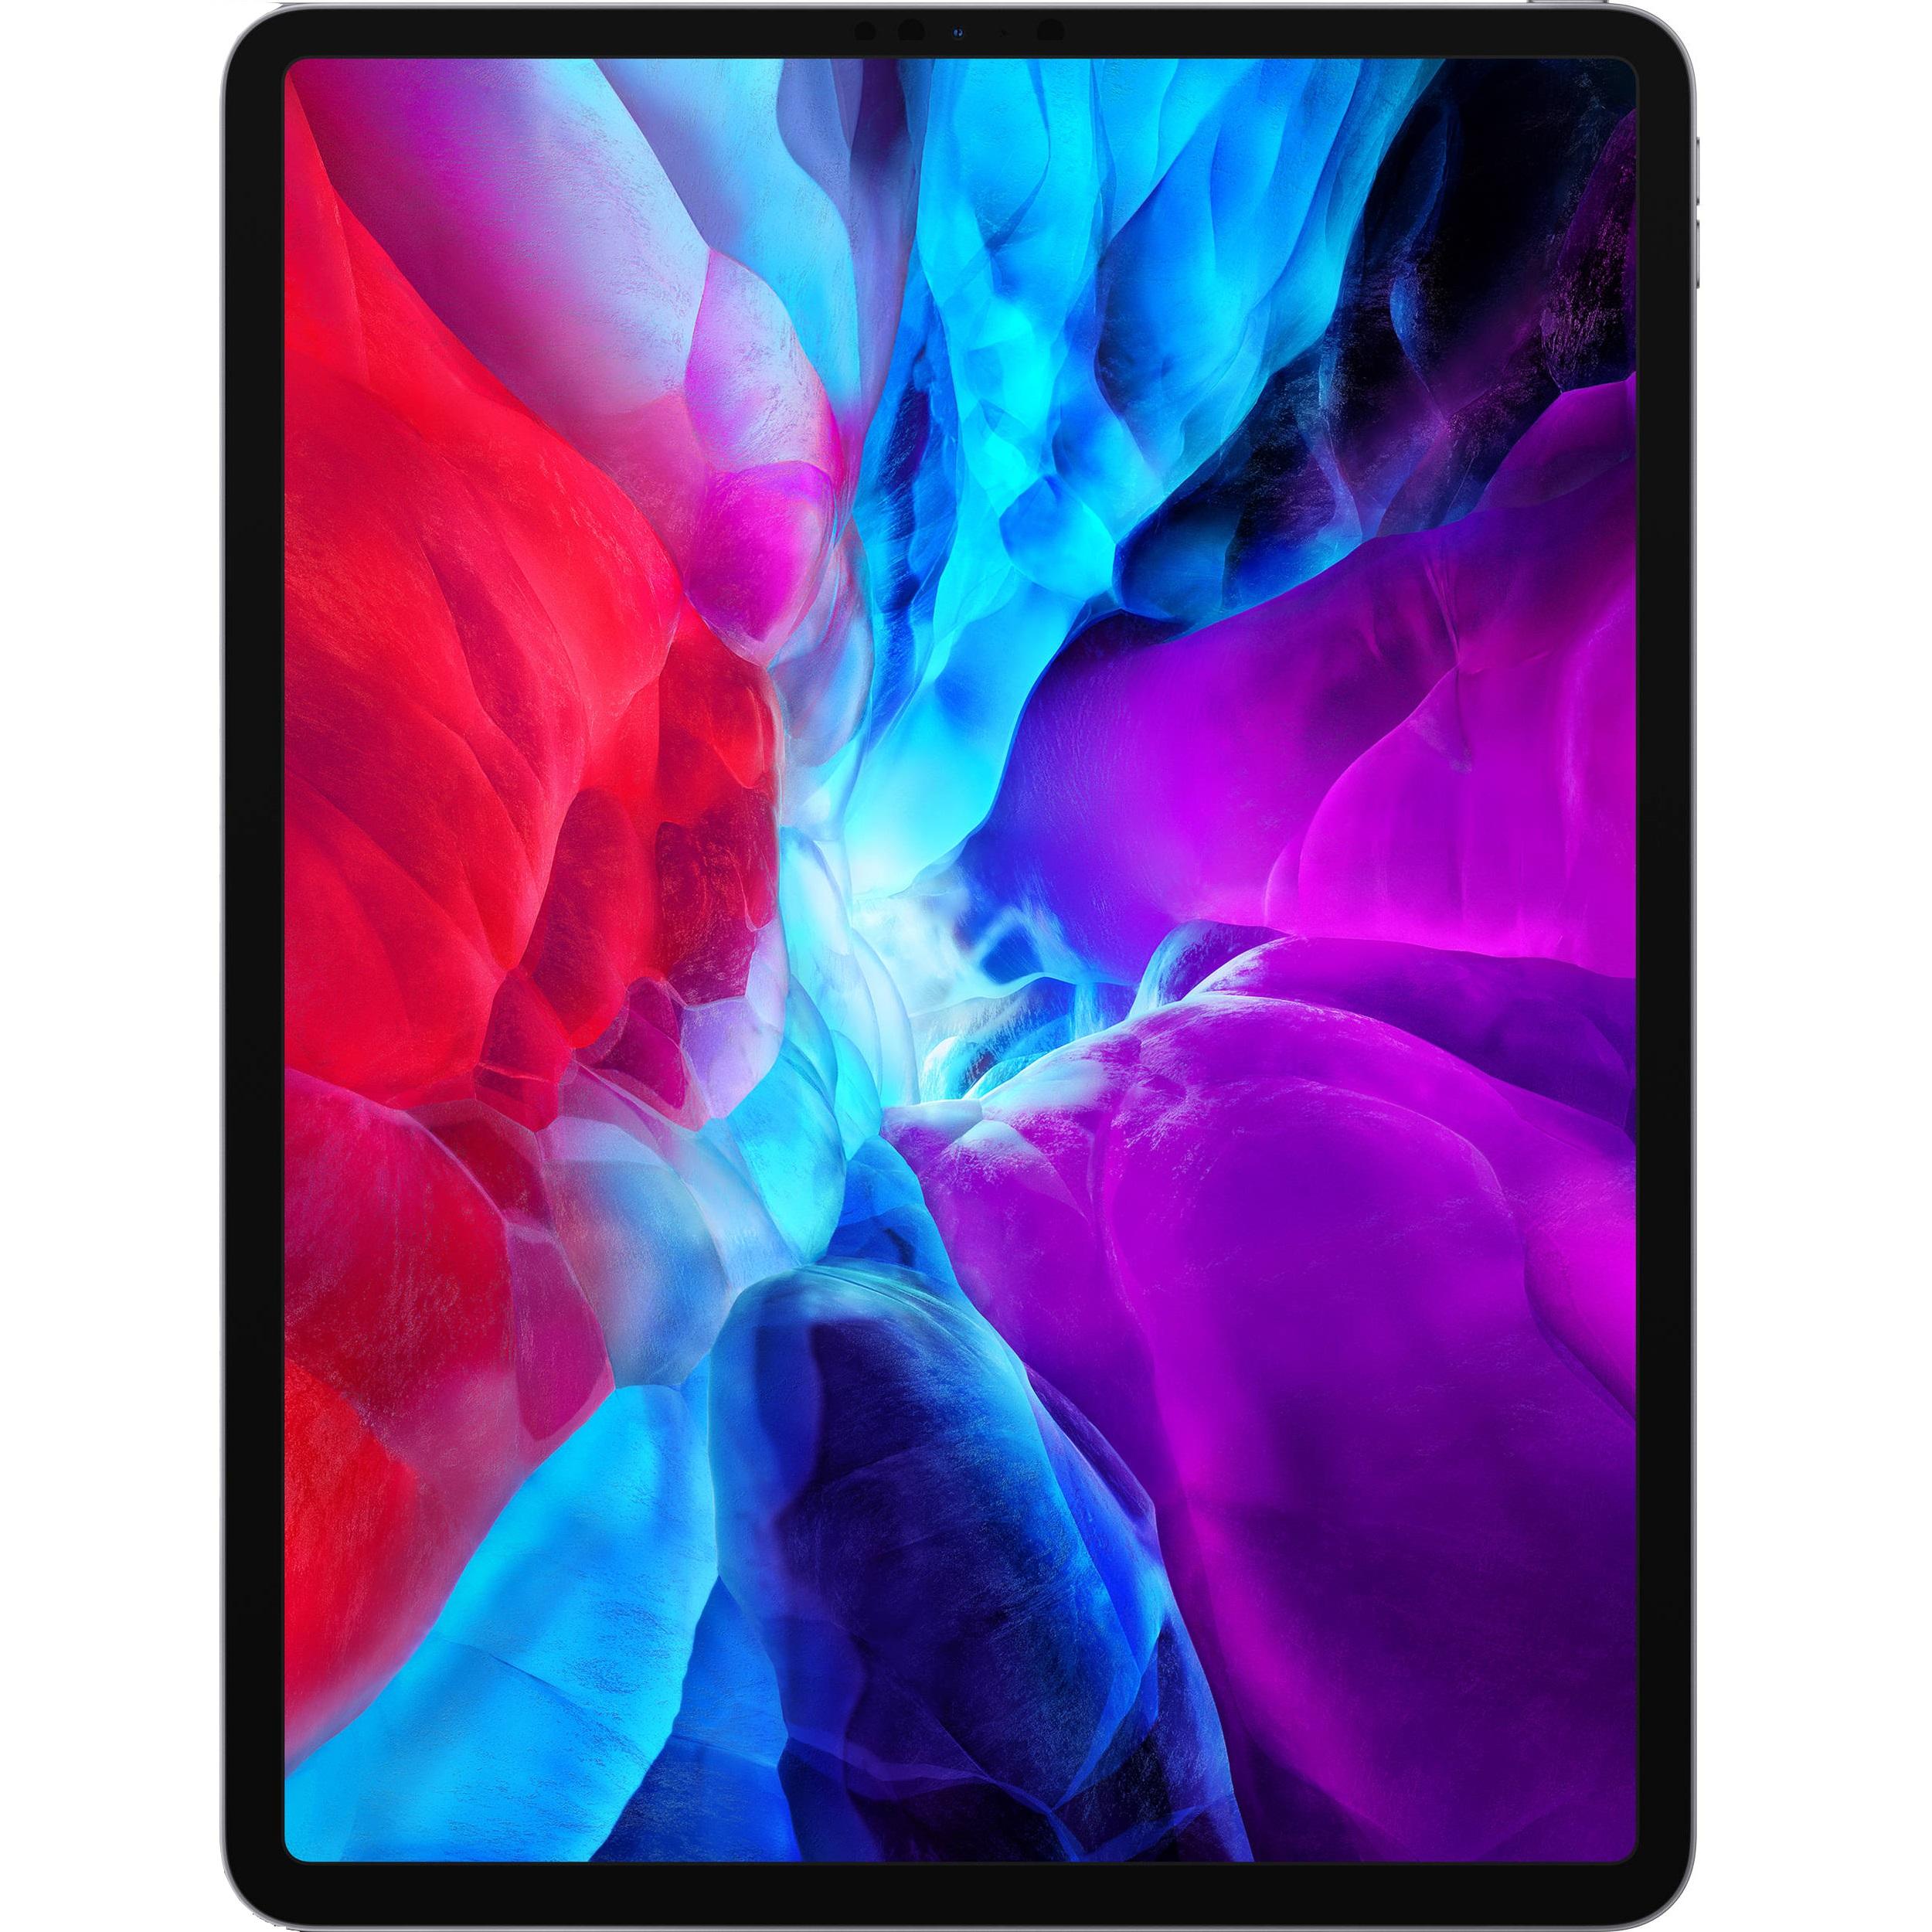 فروش نقدی یا اقساطی تبلت اپل مدل iPad Pro 2020 12.9 inch 4G ظرفیت 128 گیگابایت